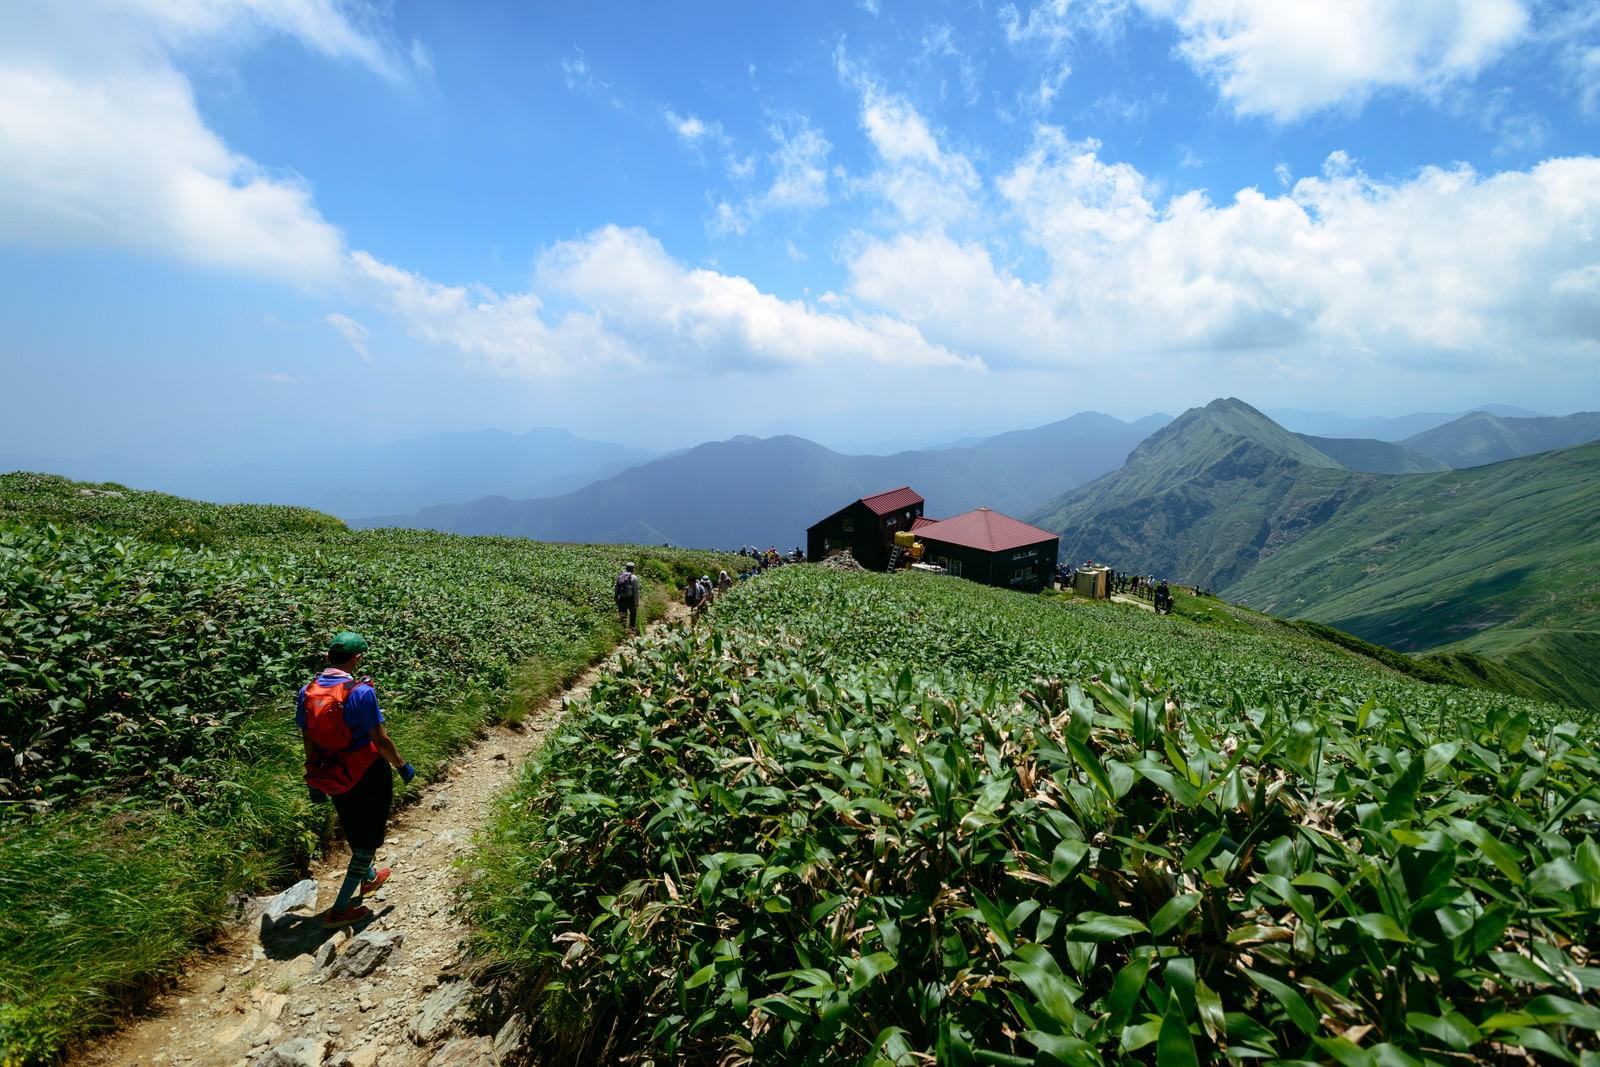 「谷川の尾根を歩き山小屋を目指す登山者達」の写真